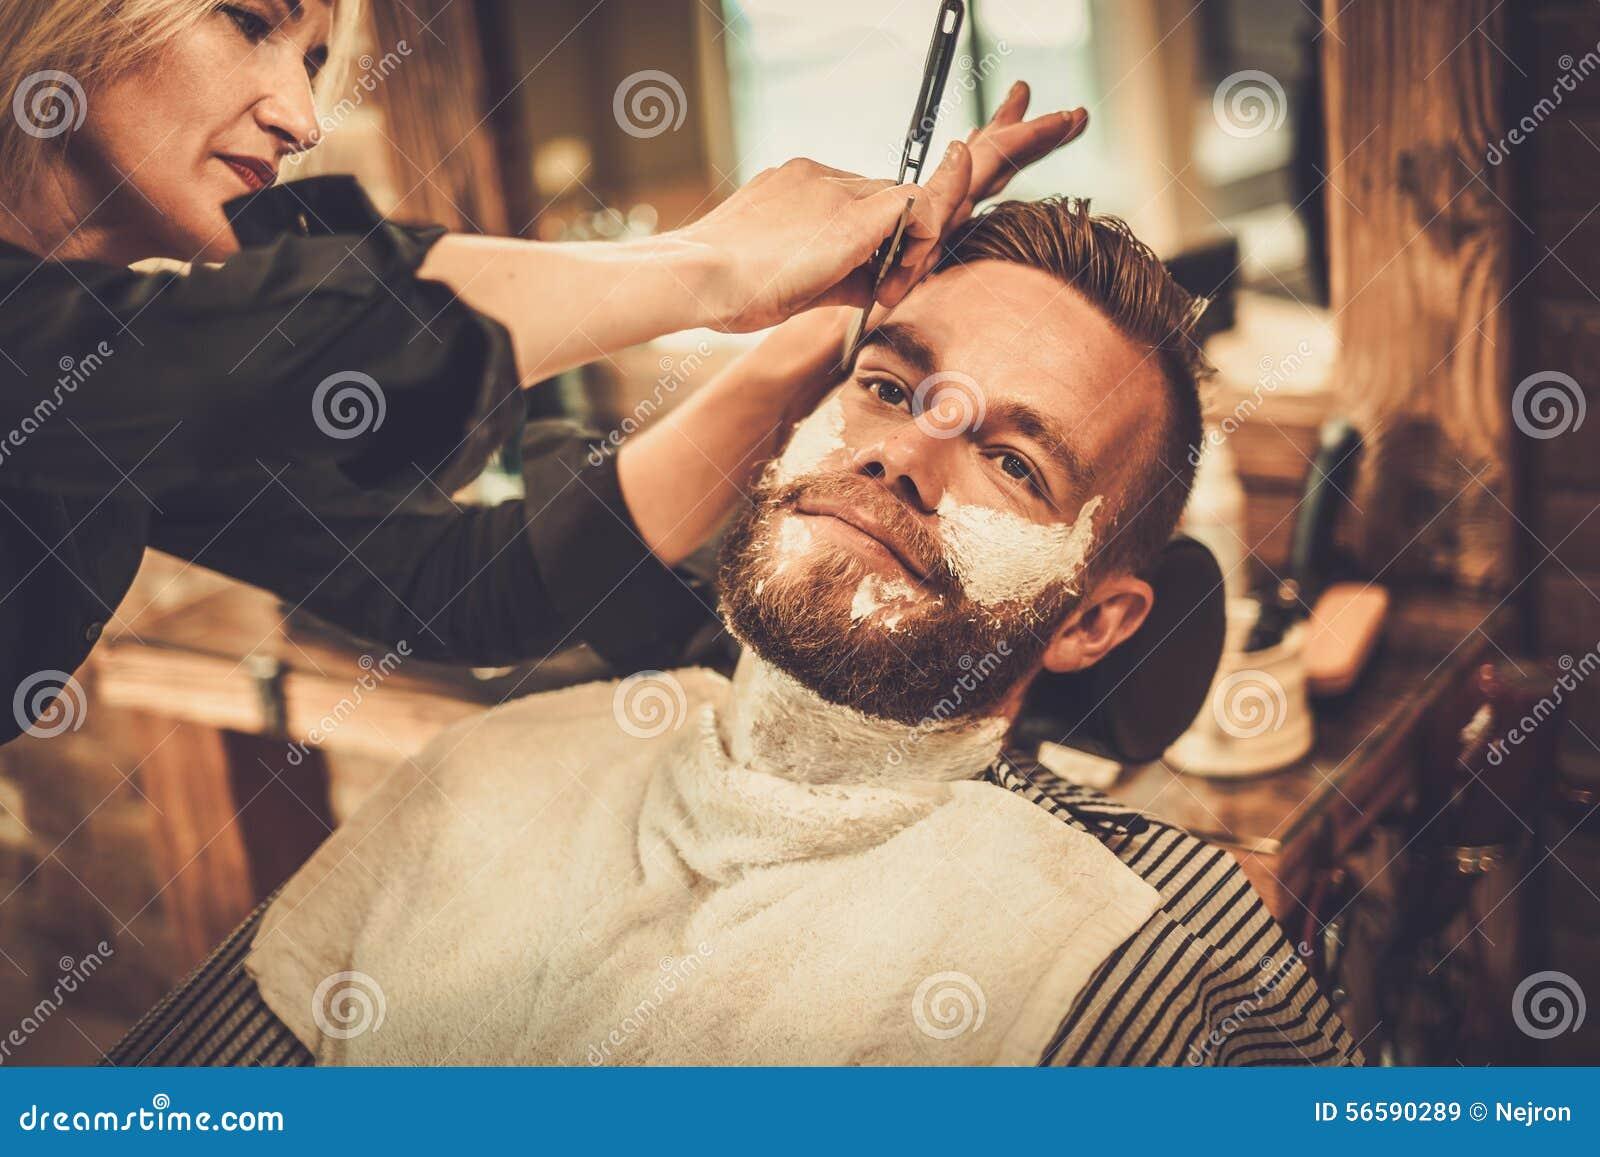 client in barber shop stock photo image 56590289. Black Bedroom Furniture Sets. Home Design Ideas